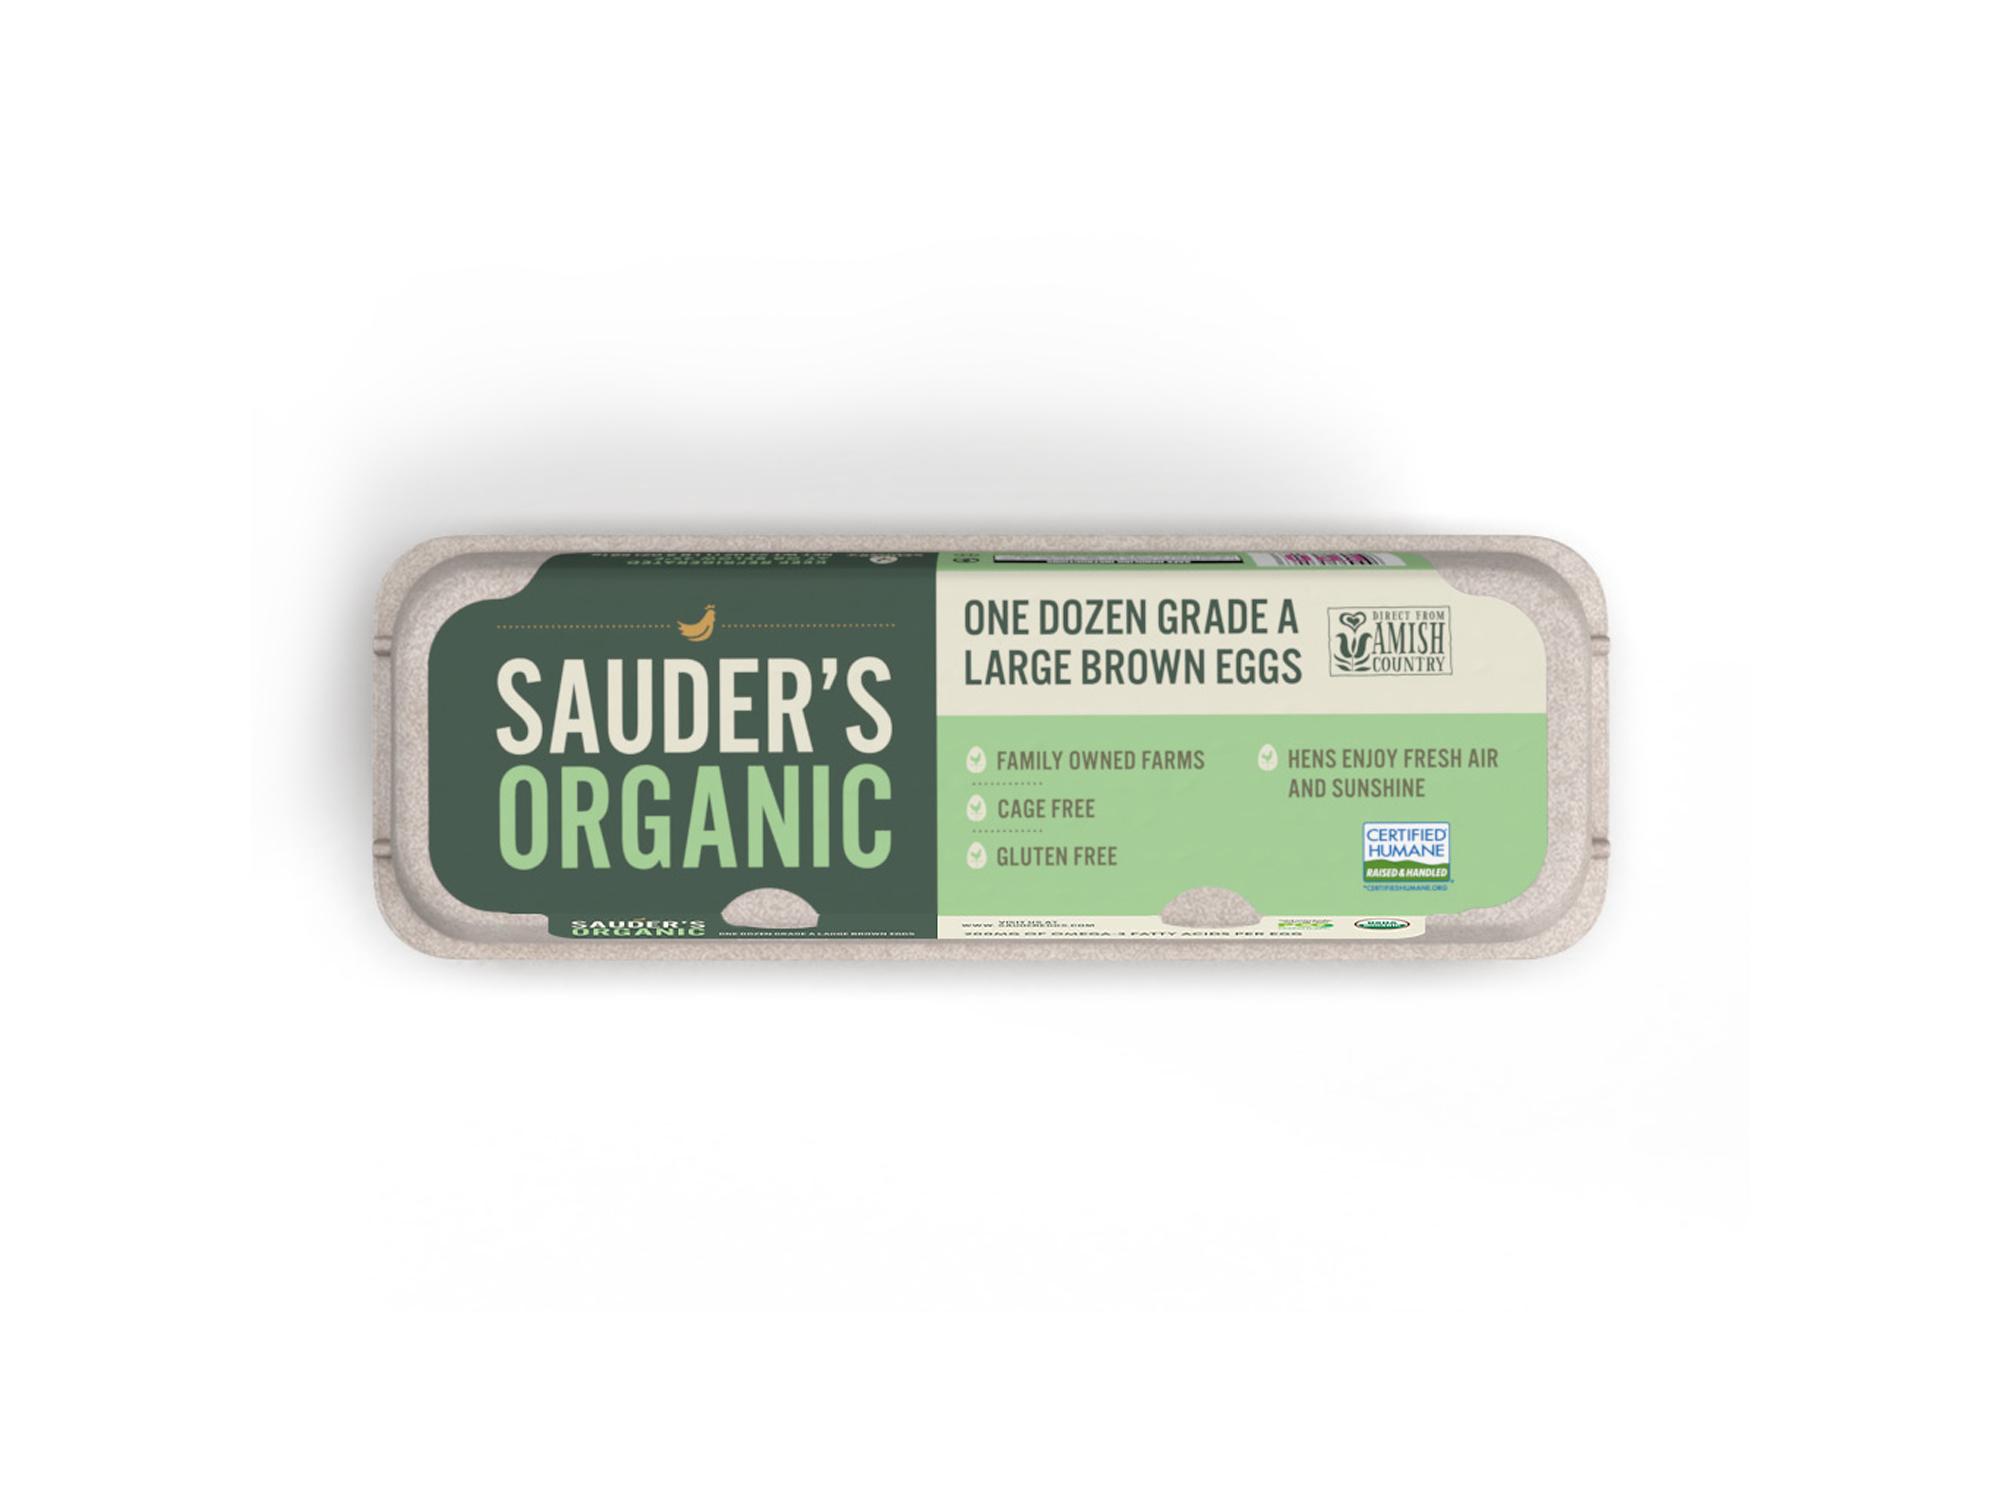 sauders-organic-carton3